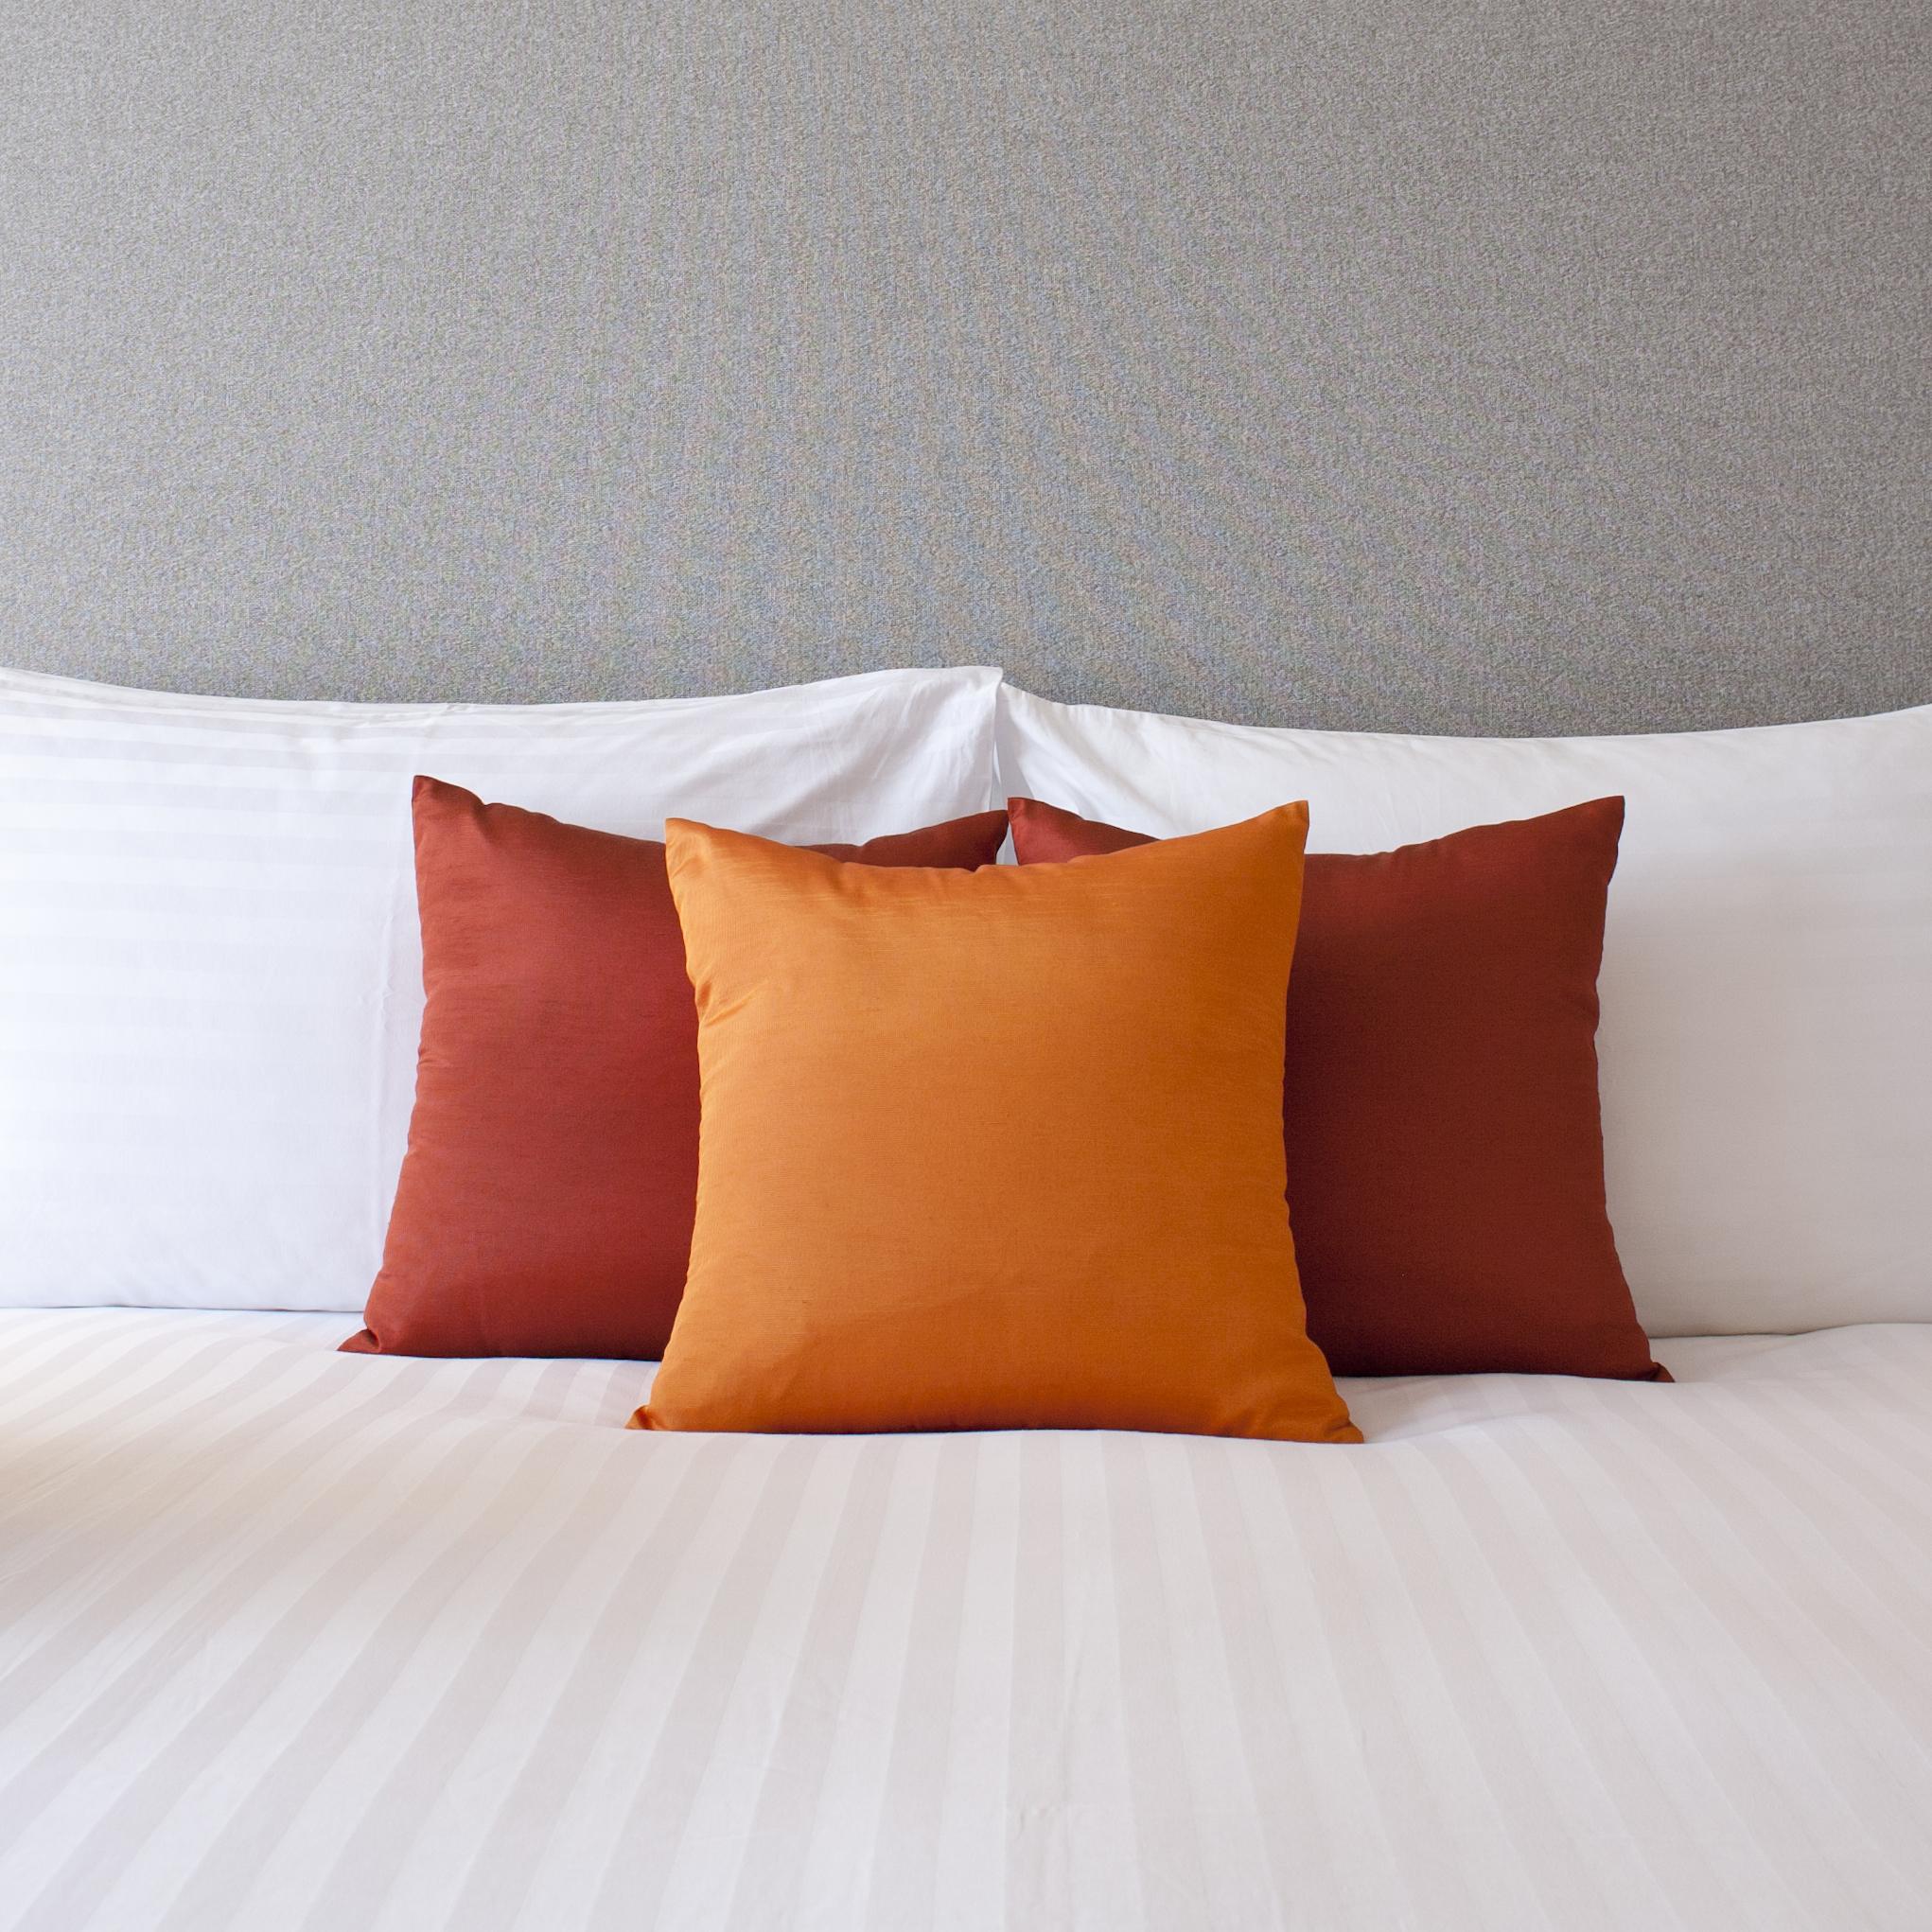 Fun Throw Pillows